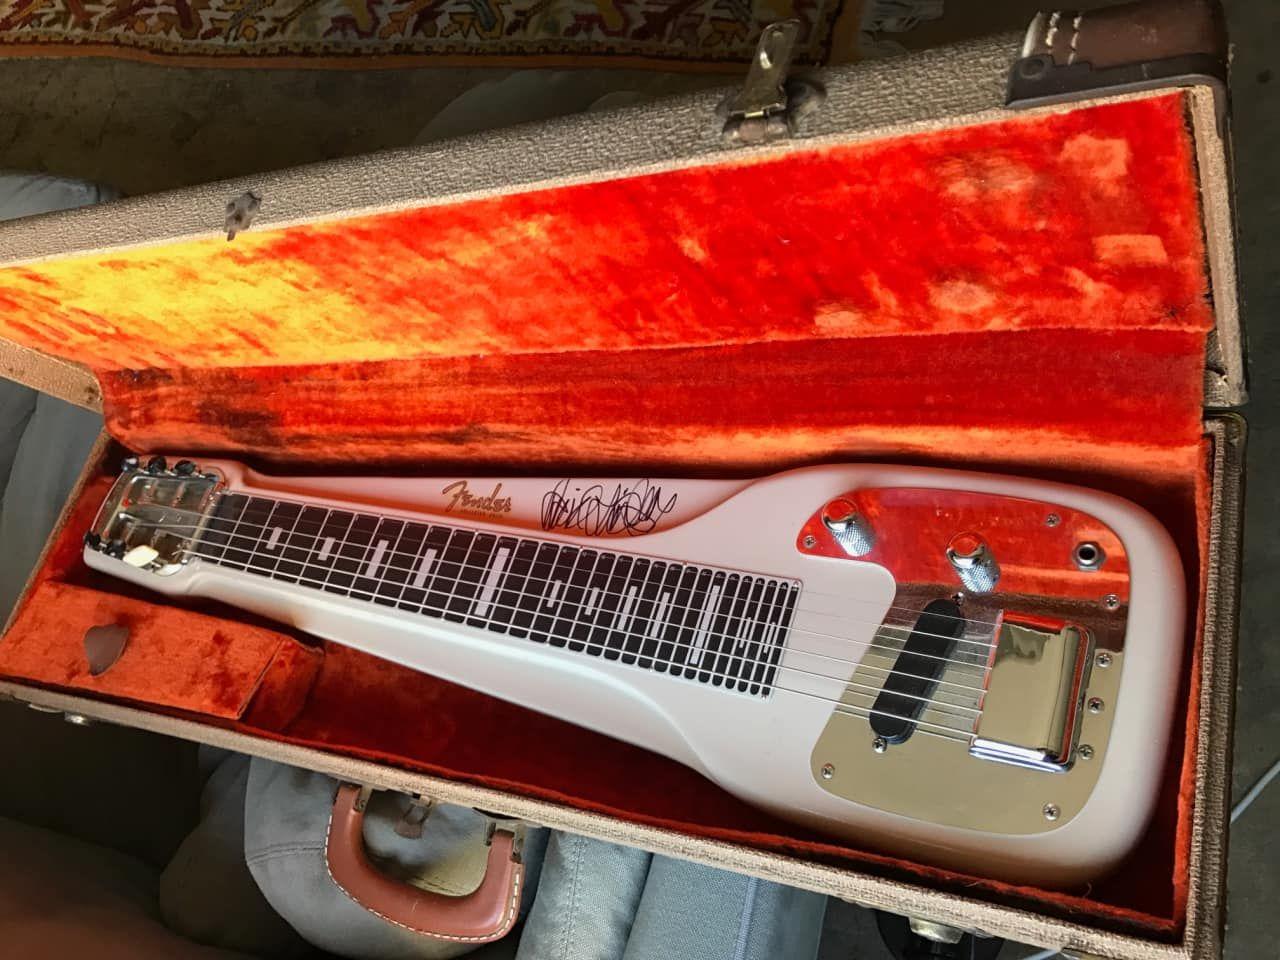 Fender Fullerton California Lap Steel Guitar From 1956 Serial